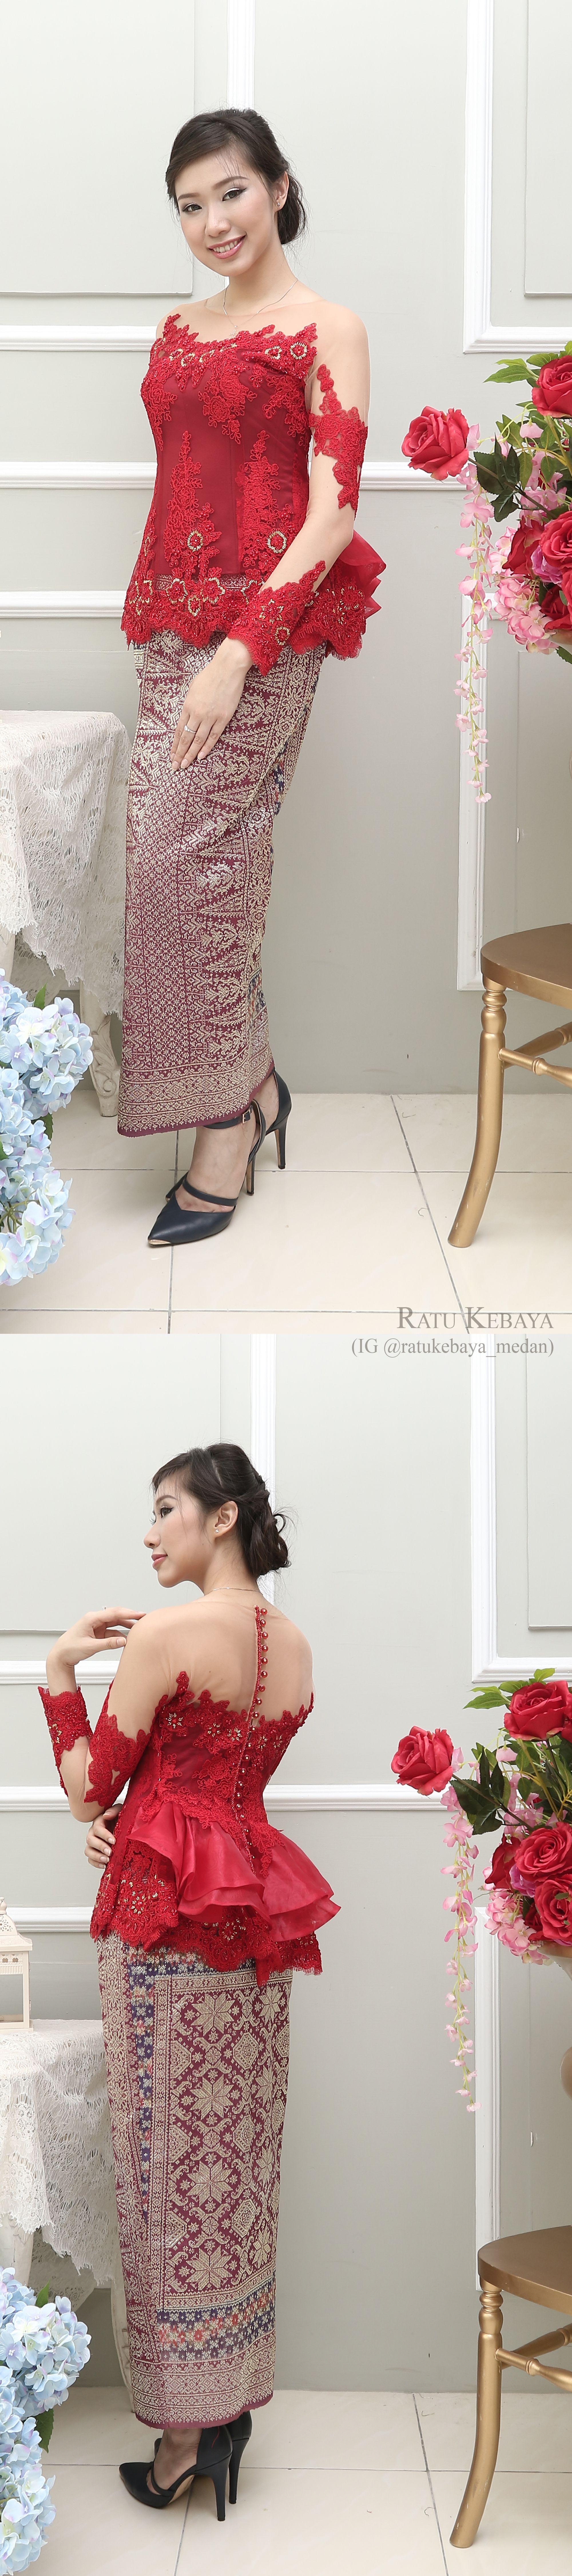 Photo of Kebaya @ratukebaya_medan. Padanan lace dan songket Palembang